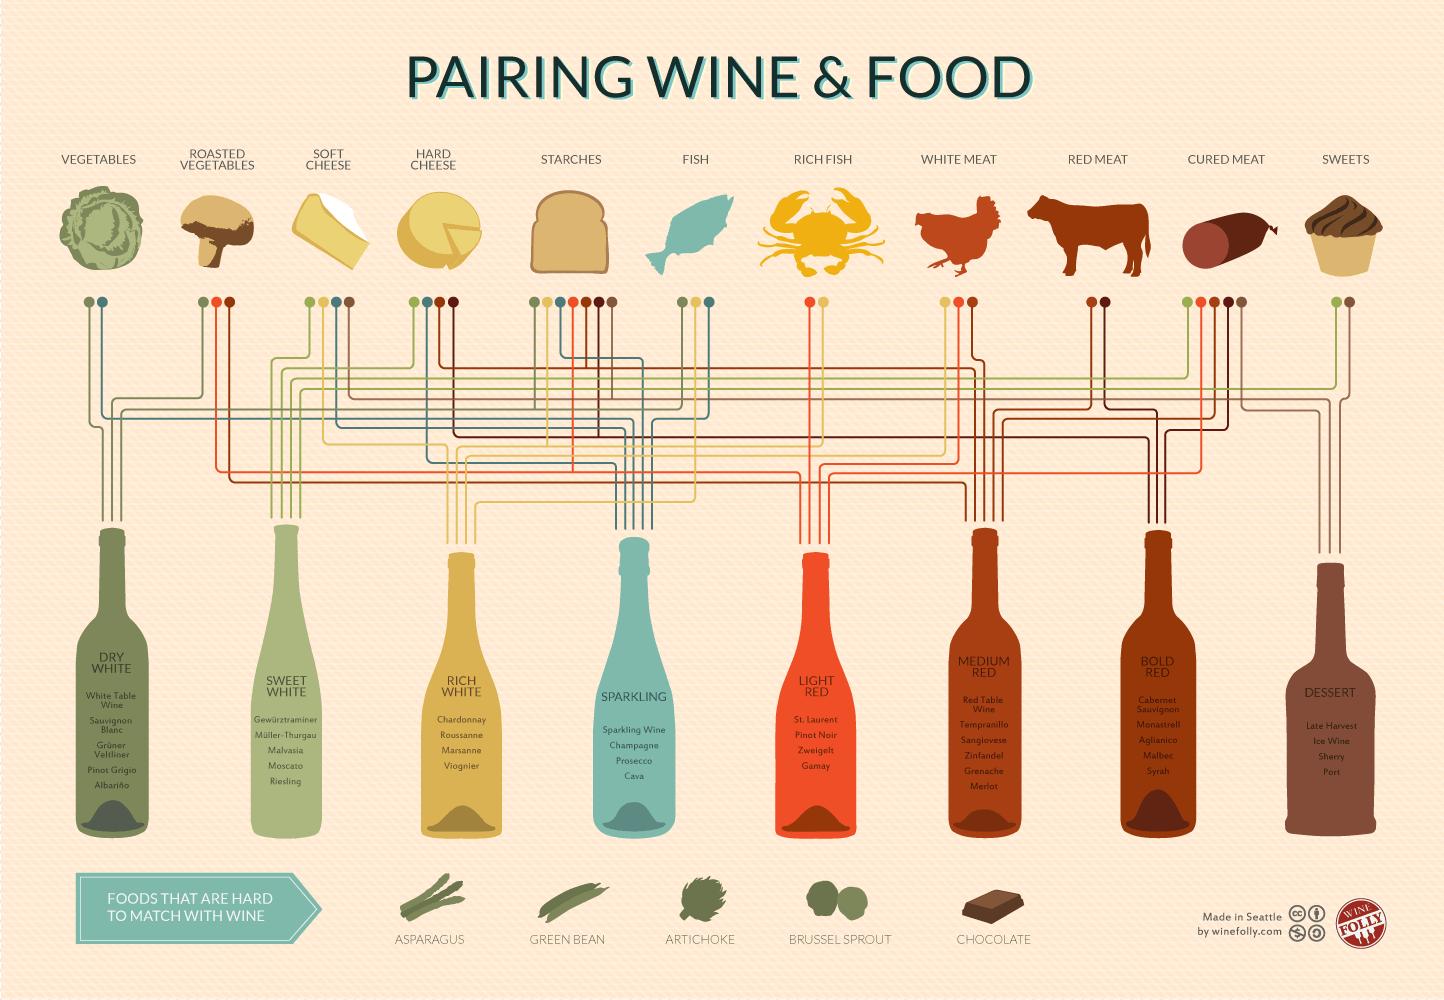 ワインと食材の相性がわかるインフォグラフィック!